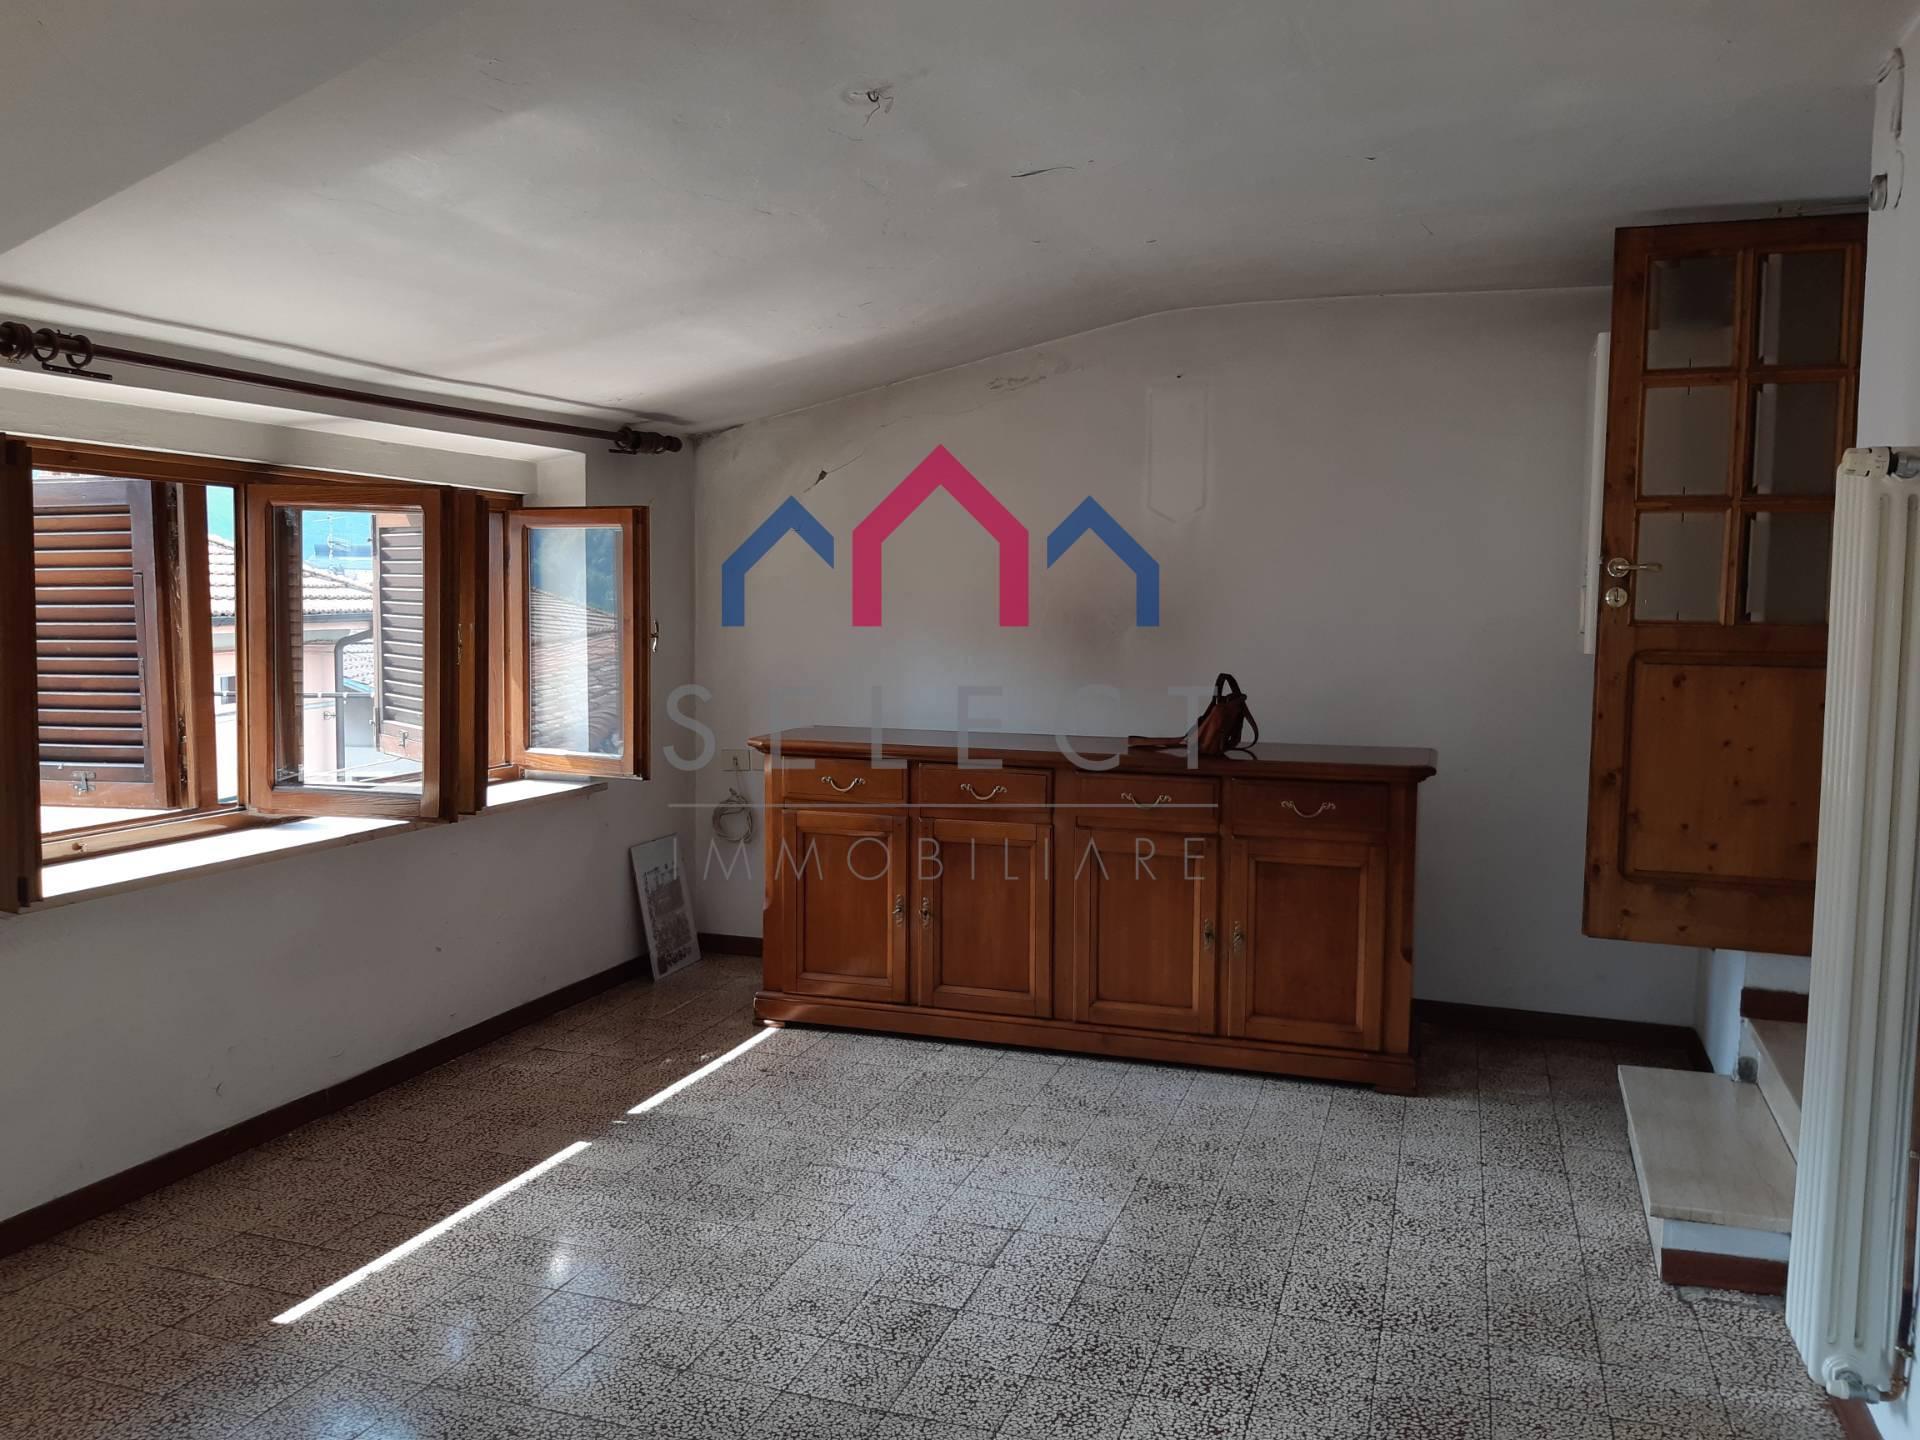 Appartamento in vendita a Barga, 5 locali, zona Località: FornacidiBarga, prezzo € 79.000 | CambioCasa.it